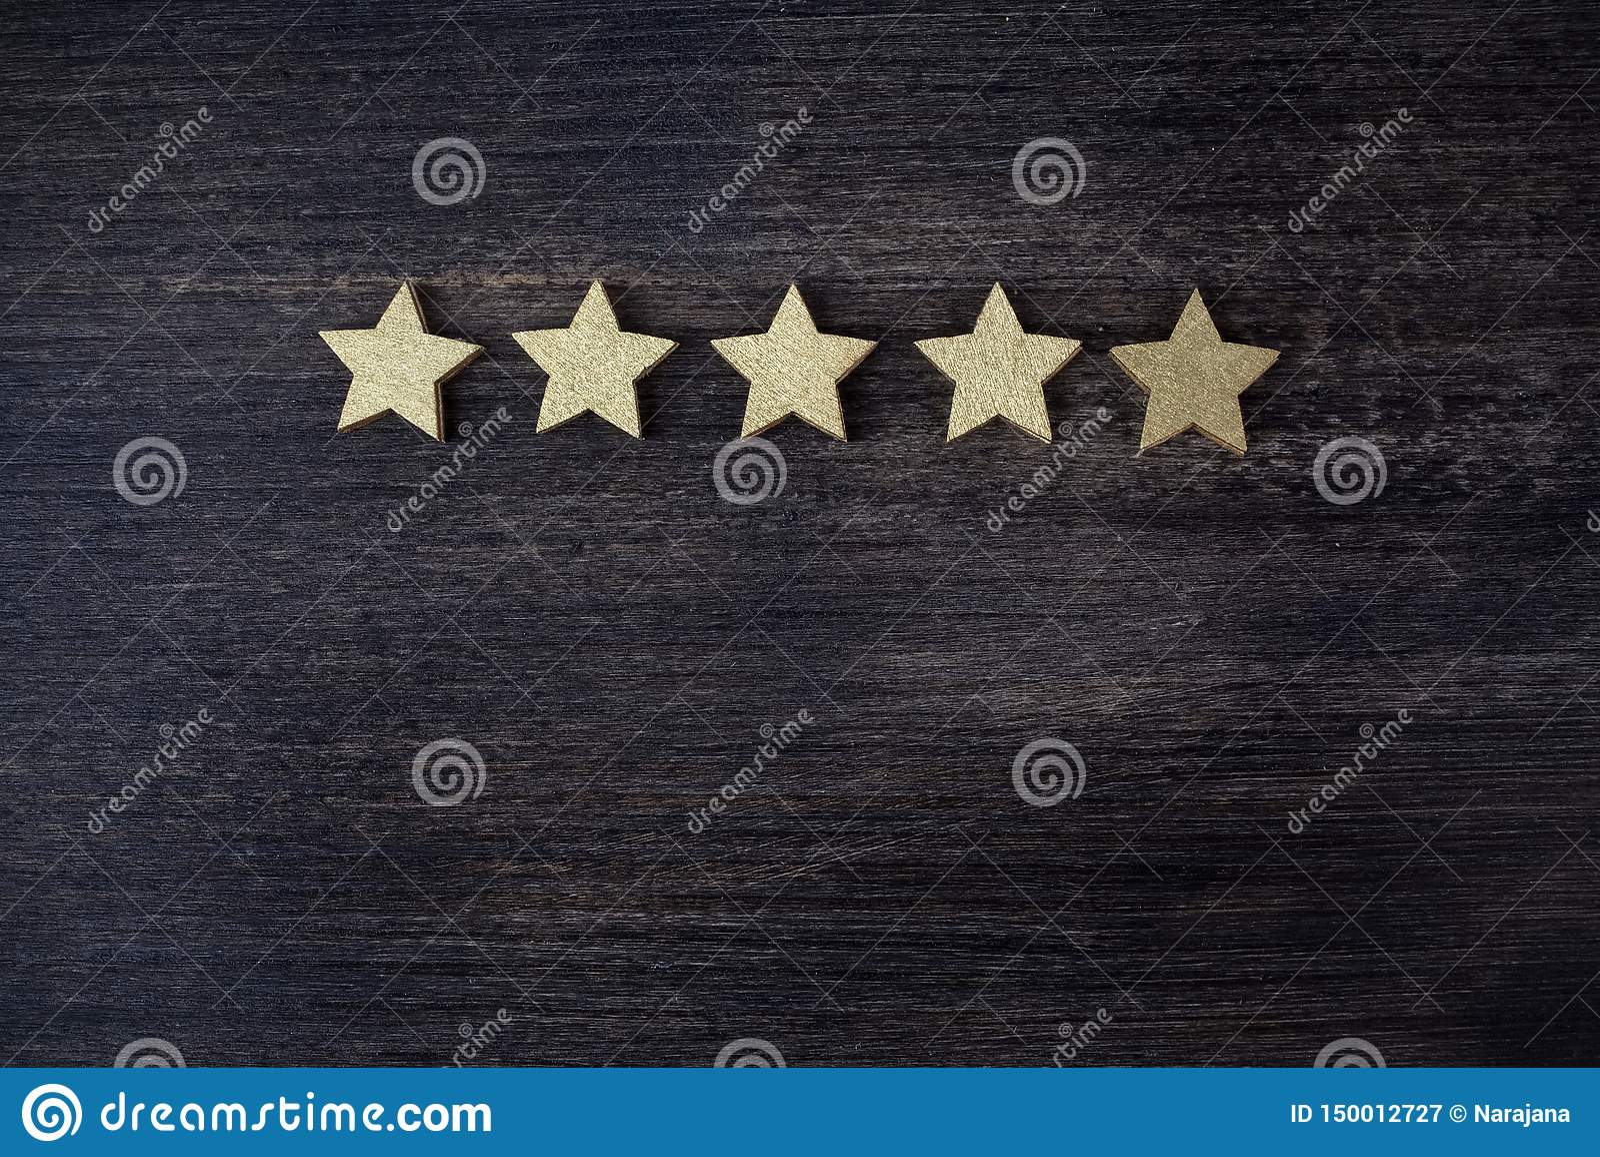 Cinque stelle dorate su fondo di legno, concetto di valutazione superiore